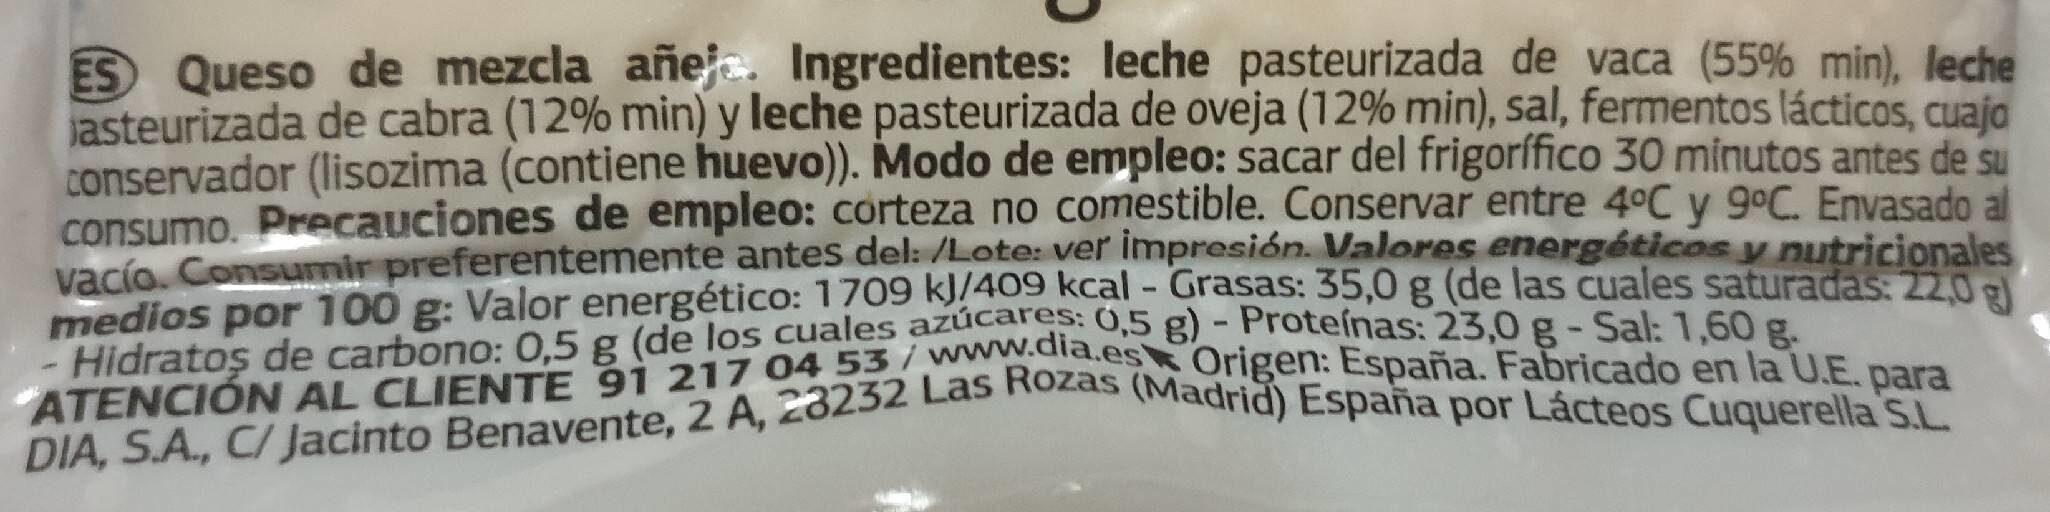 Queso añejo delicius - Ingredients